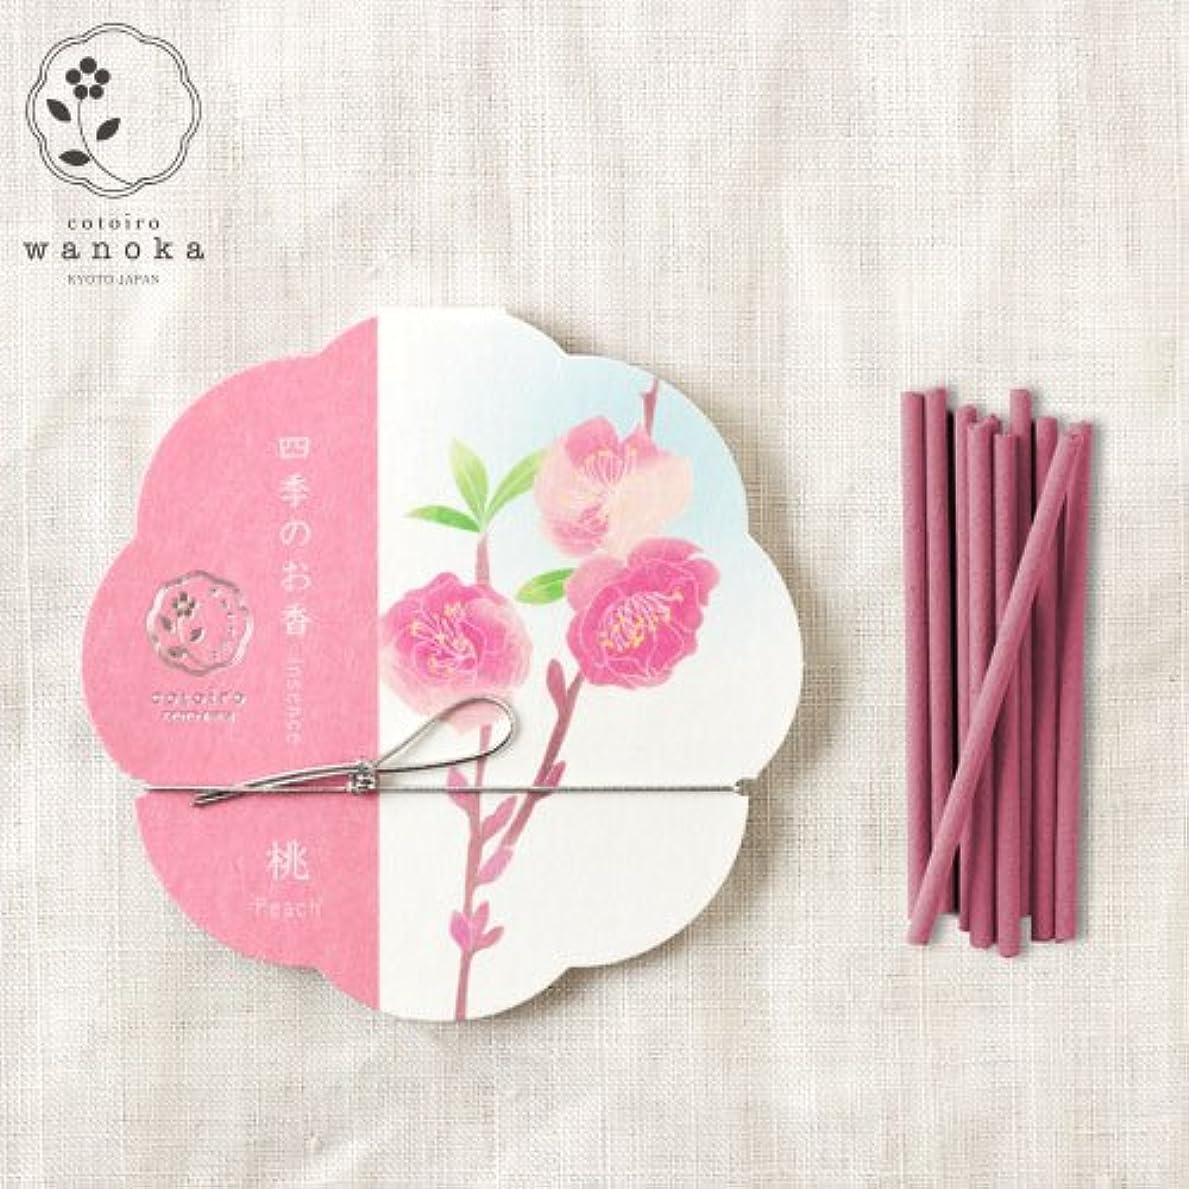 石のおじいちゃん性交wanoka四季のお香(インセンス)桃《桃のお花をイメージした甘い香り》ART LABIncense stick